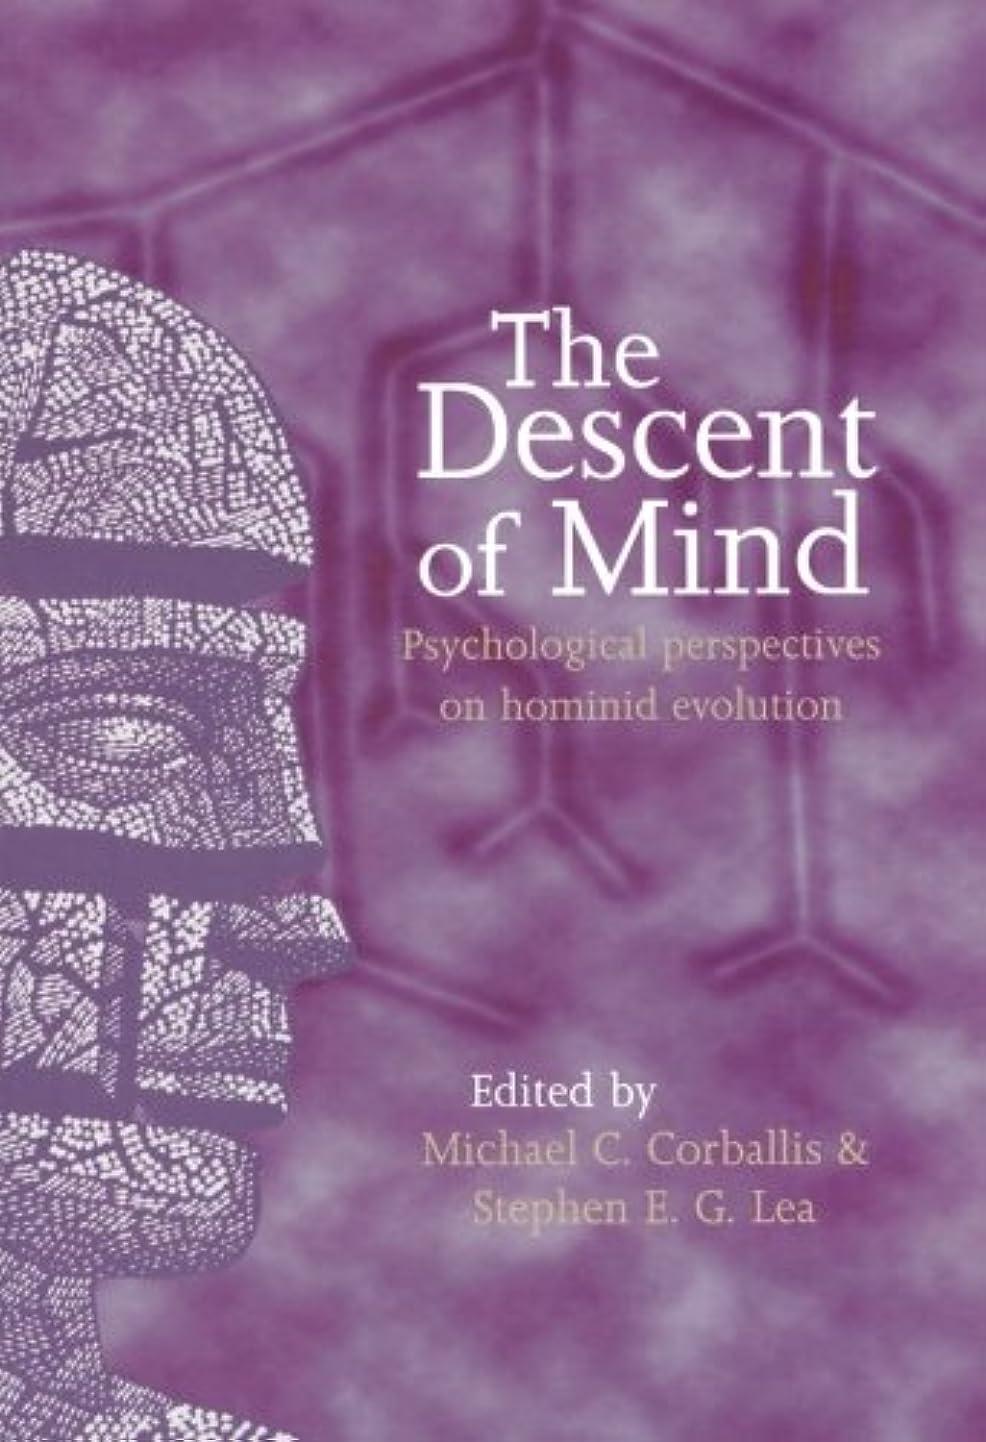 天文学スラダムアーサーコナンドイルThe Descent of Mind: Psychological Perspectives on Hominid Evolution